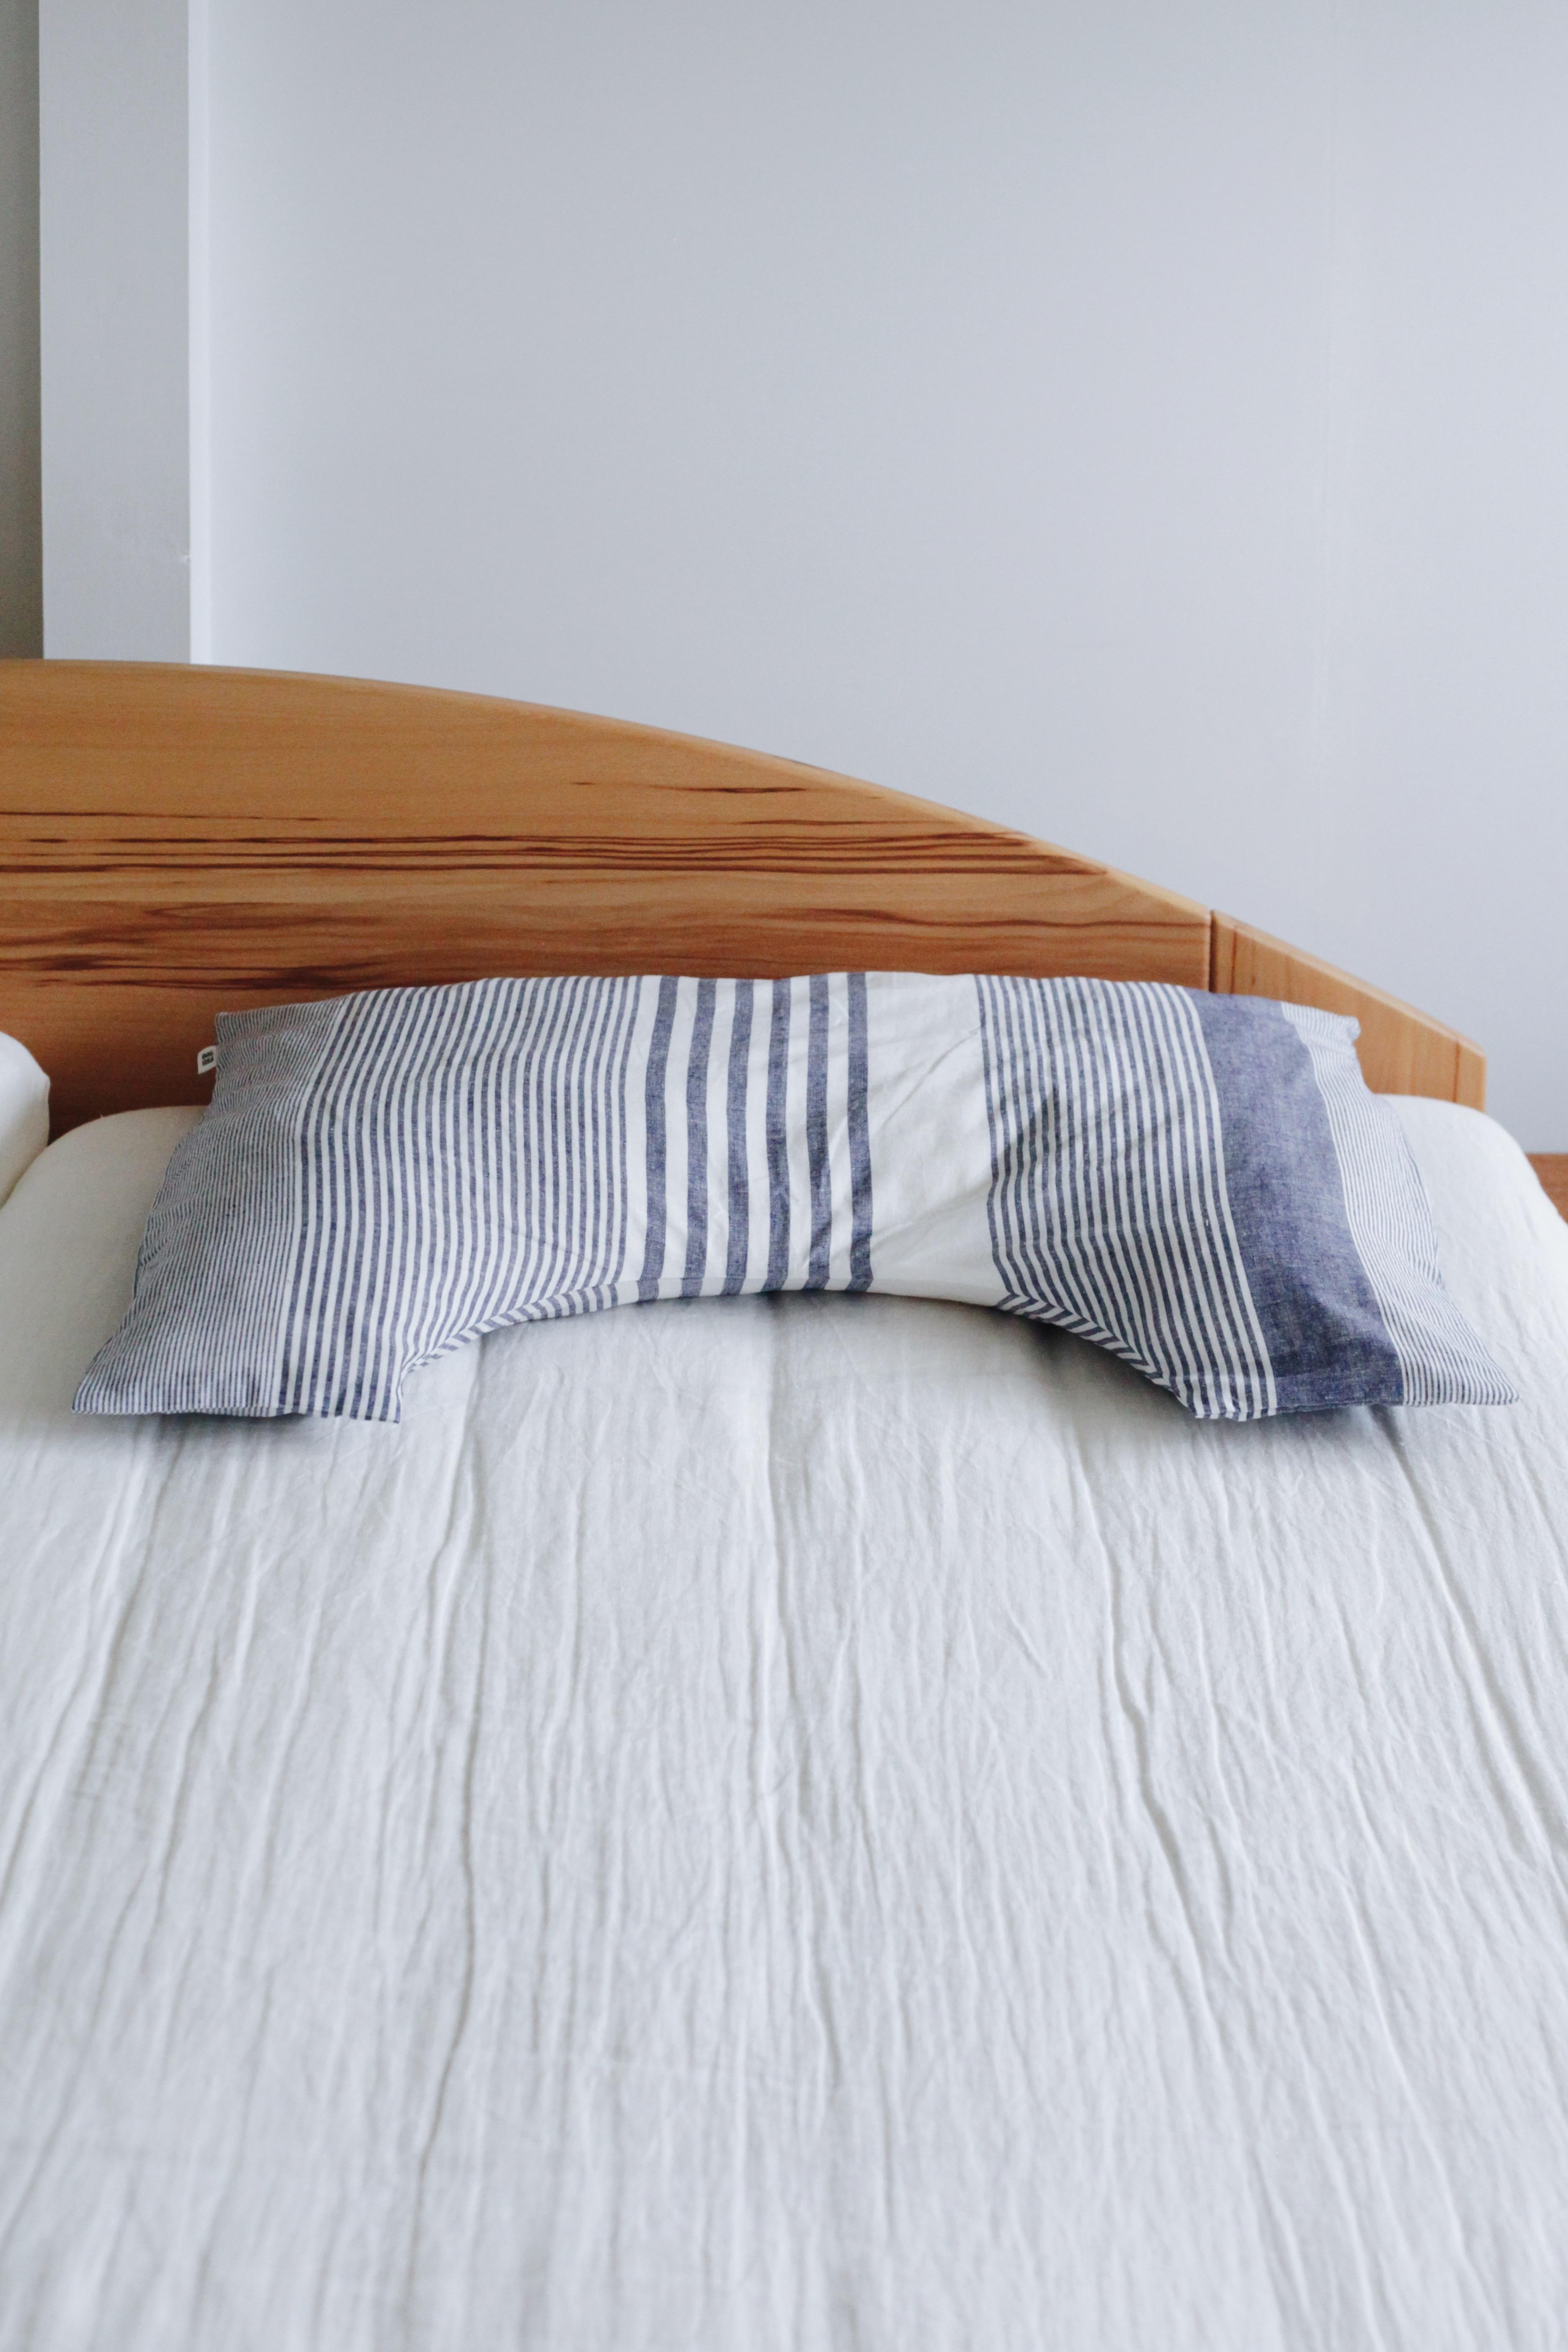 【眠家】 U字 枕カバー(レギュラーサイズ)/マルチストライプ カディコットン 枕カバー